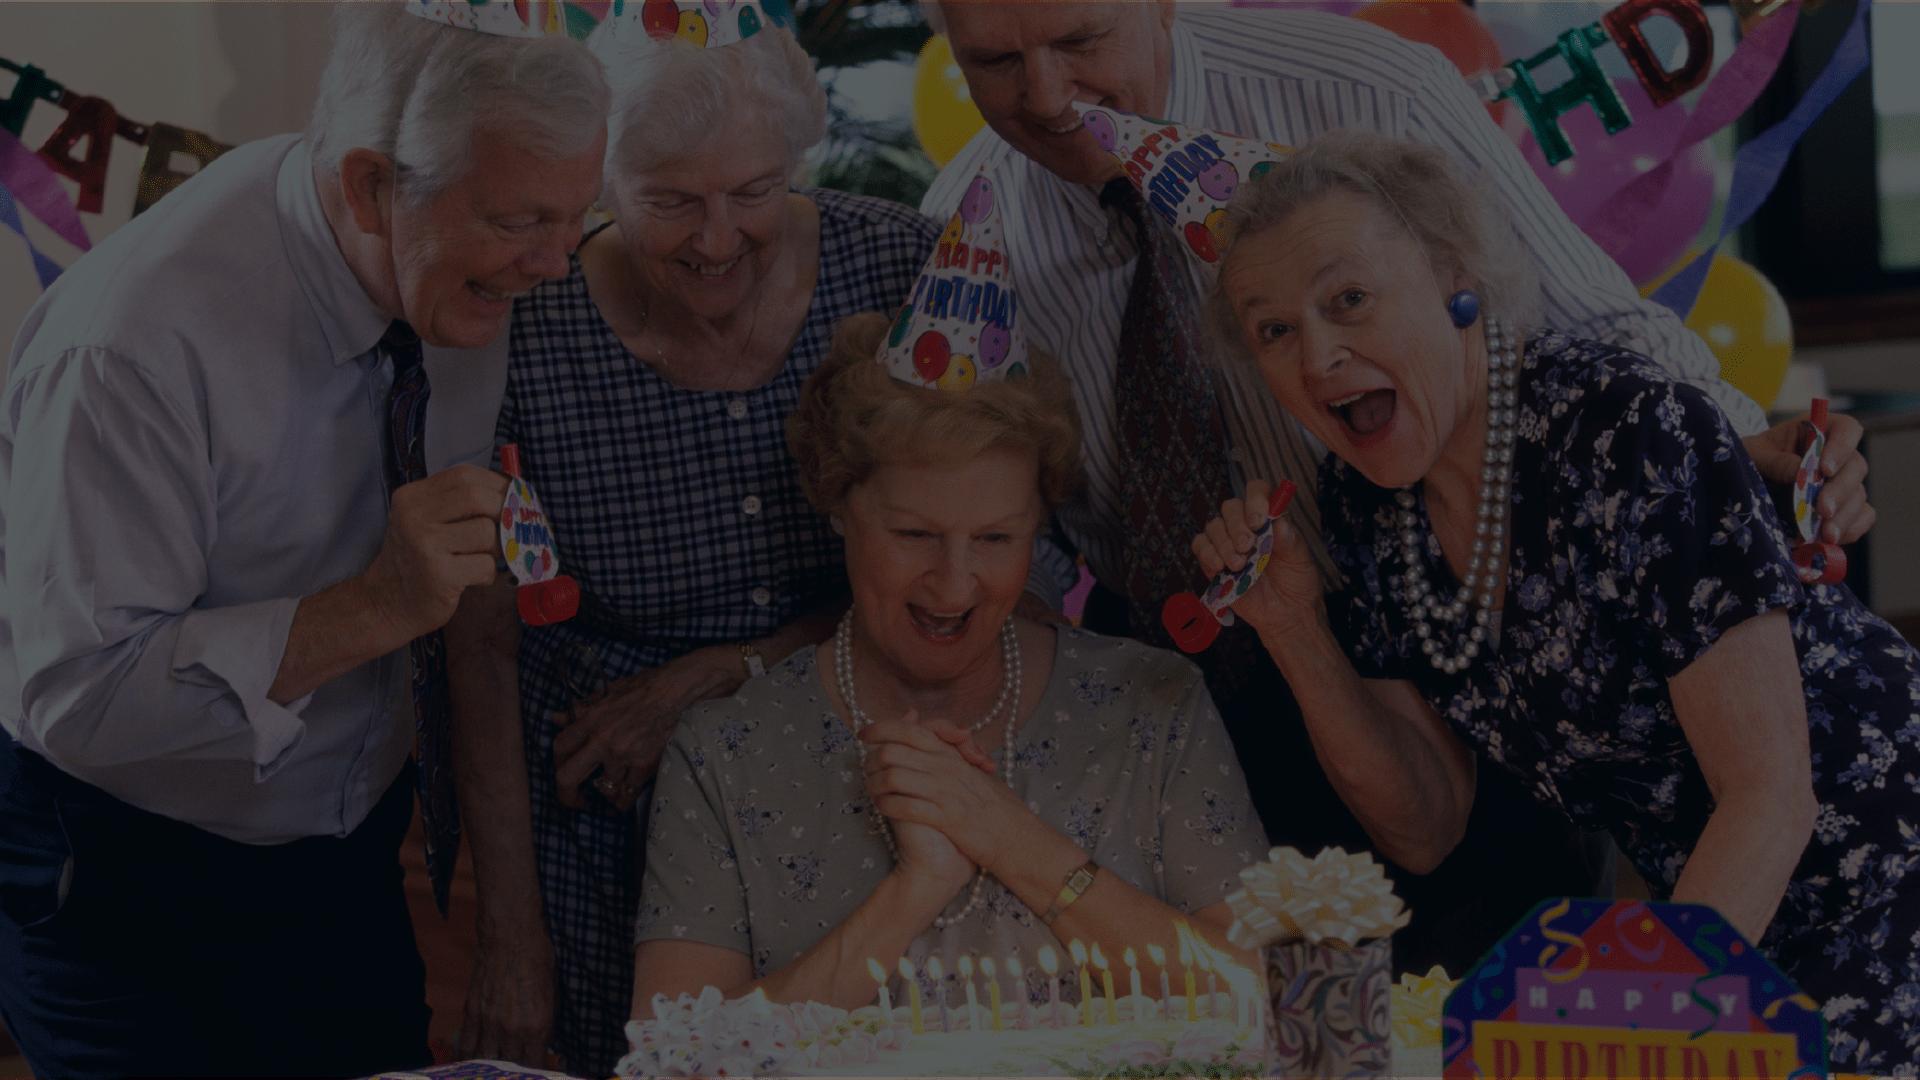 seniors celebrating birthday for friend in group